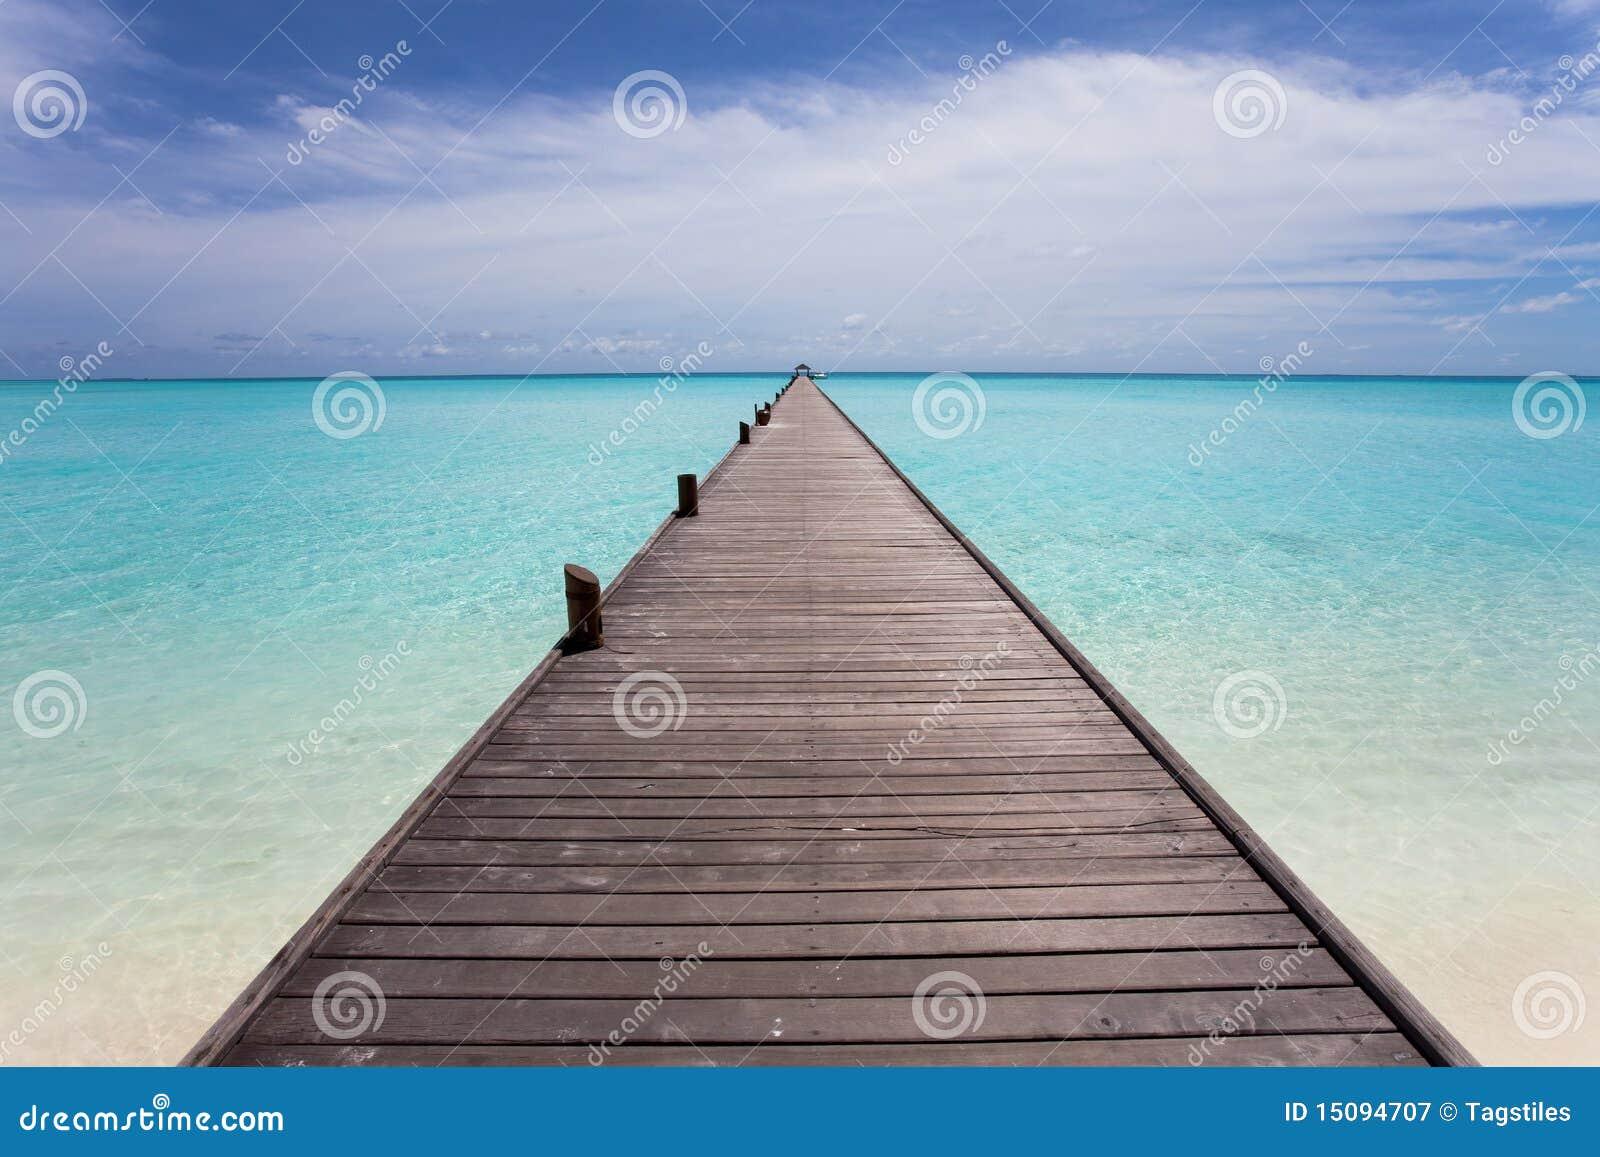 Download Laufbahn zum Horizont stockbild. Bild von blau, lang - 15094707